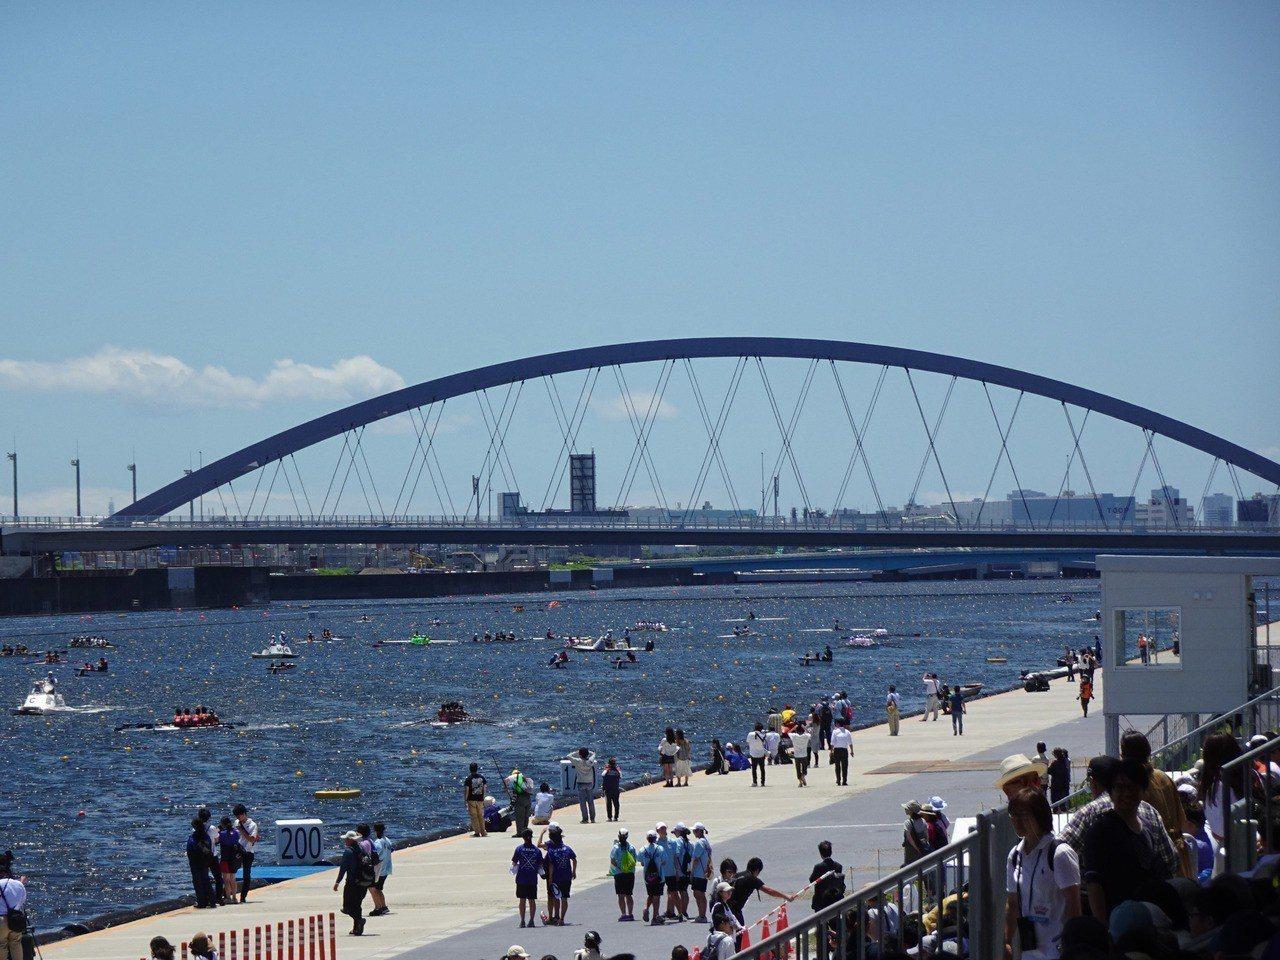 位於東京灣岸的海之森水上競技場是2020年東京奧運划船與輕艇靜水競速的比賽場地,...